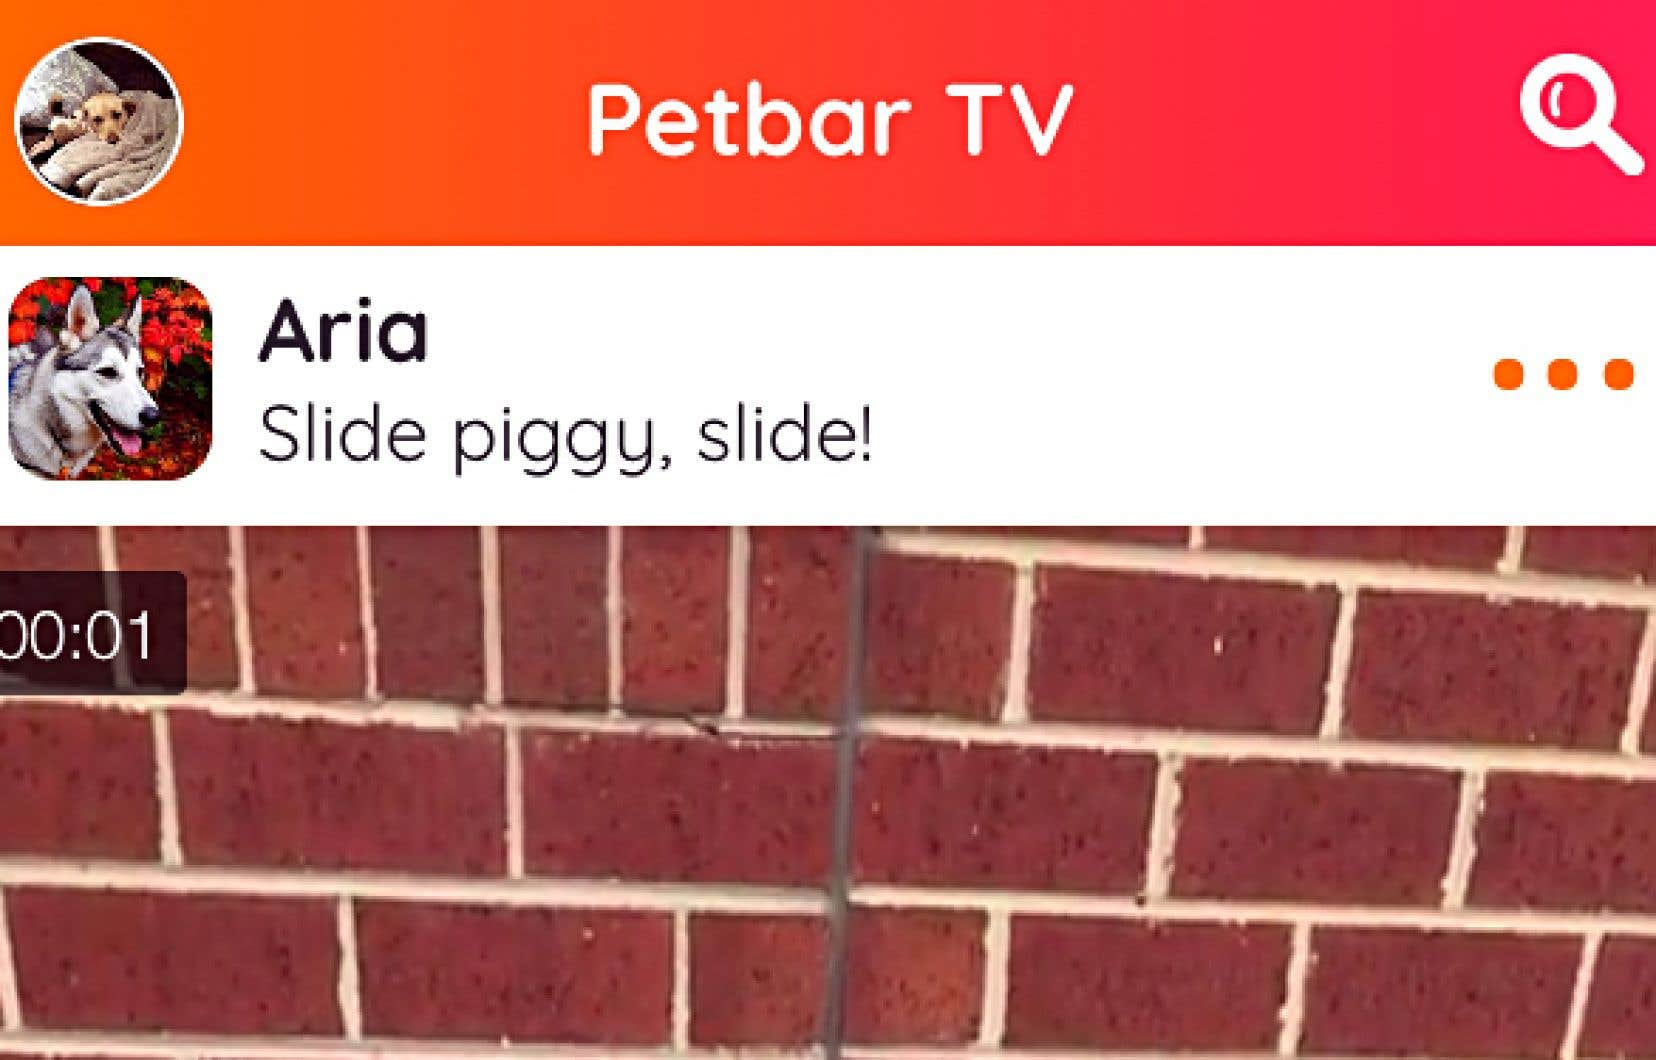 Petbar est faite spécifiquement pour partager des photos et courtes vidéos de vos animaux de compagnie.